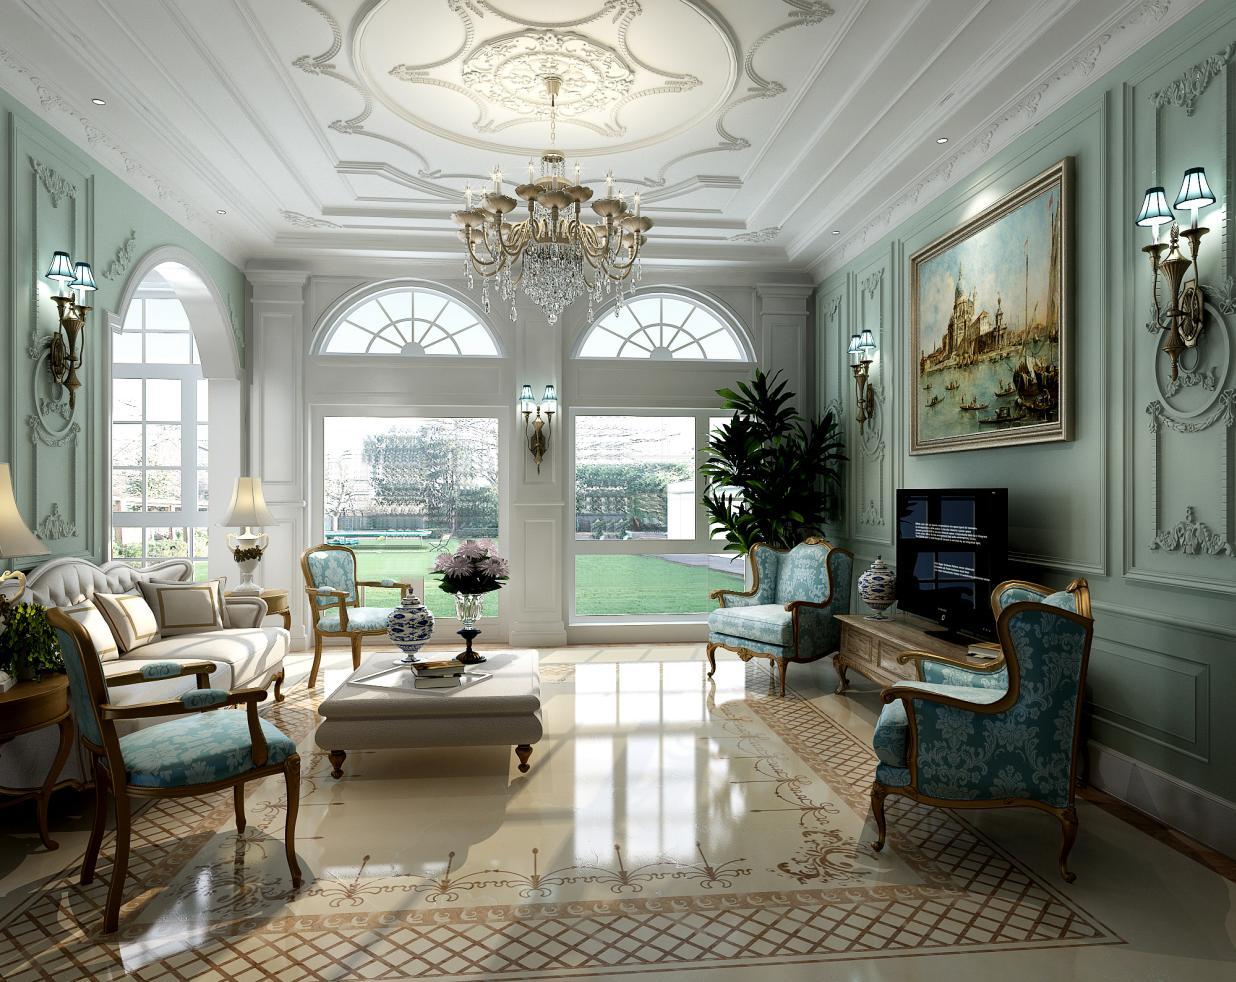 东郊罗兰 别墅装修 欧式风格 腾龙设计 刁振英作品 客厅图片来自孔继民在东郊罗兰别墅装修法式风格设计的分享